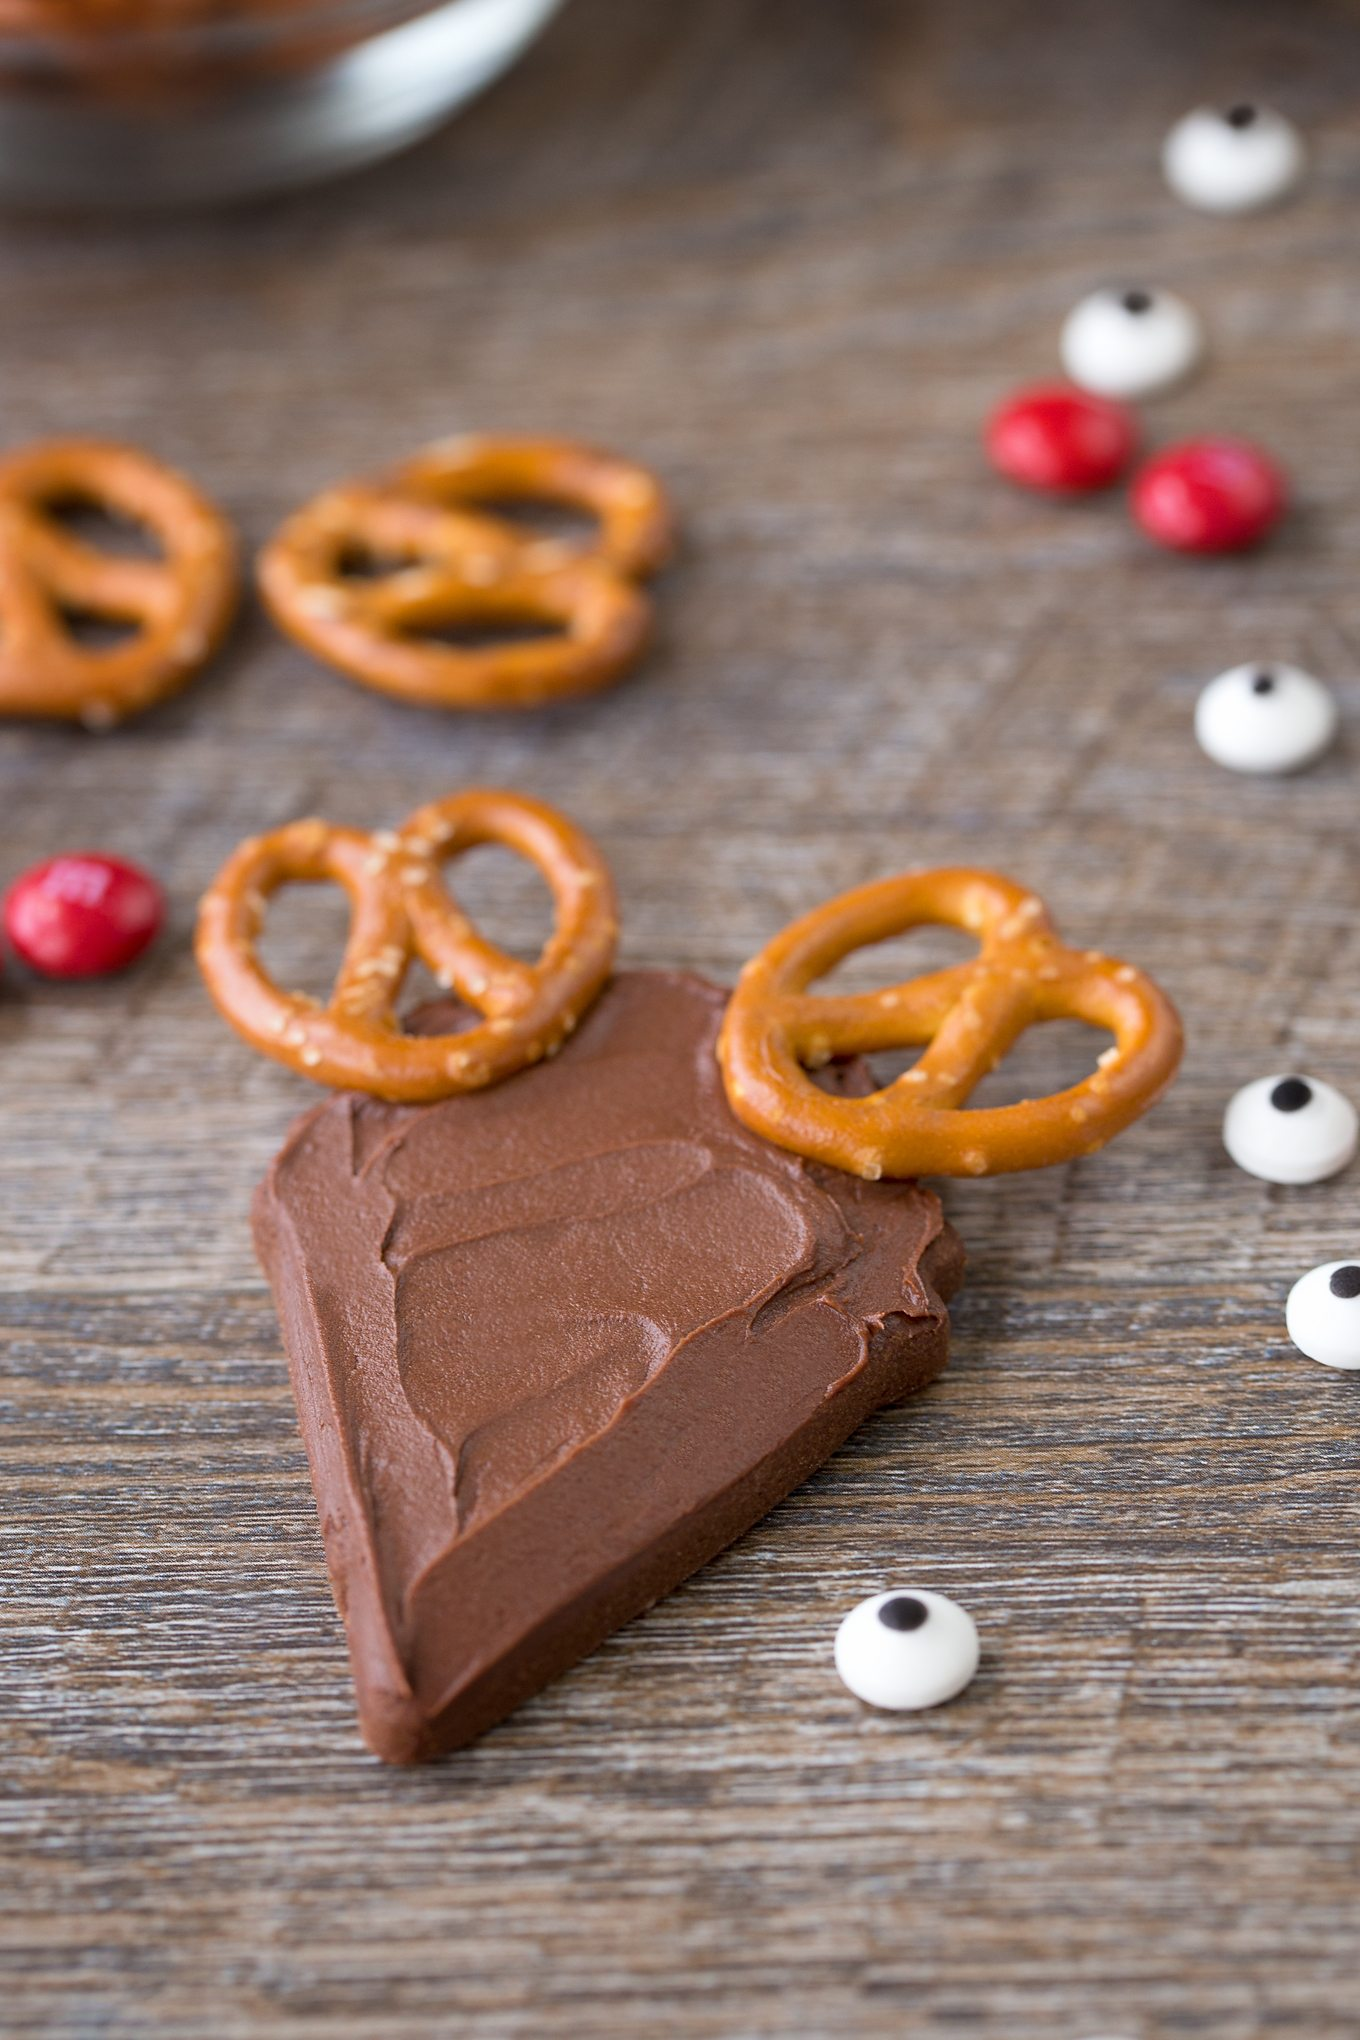 Chocolate Reindeer Cookies with Pretzel Antlers